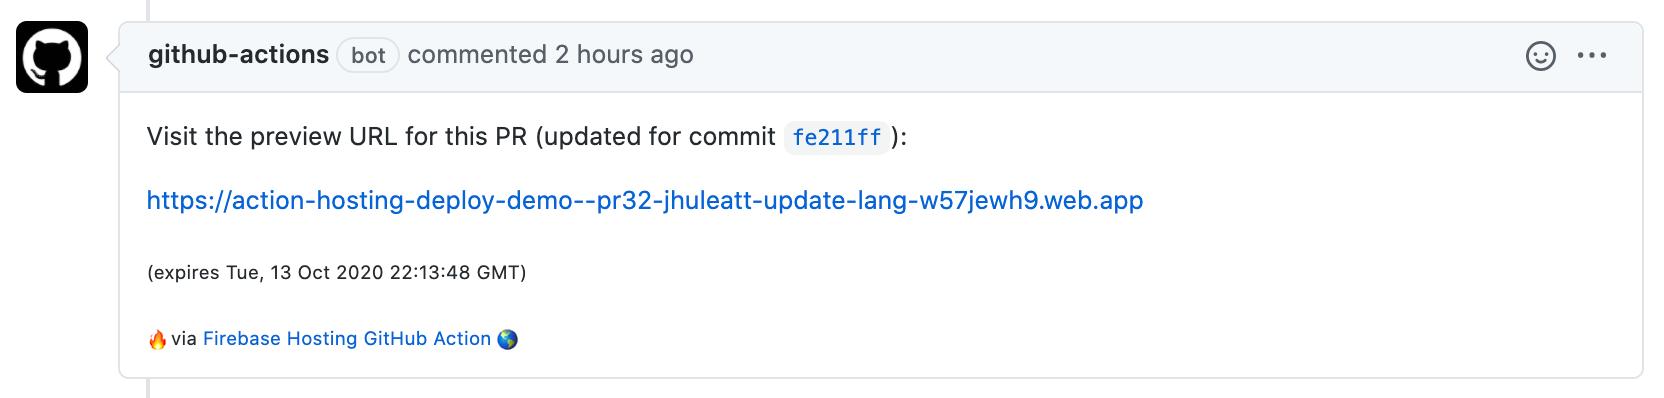 imagem do comentário PR do GitHub Action com URL de visualização